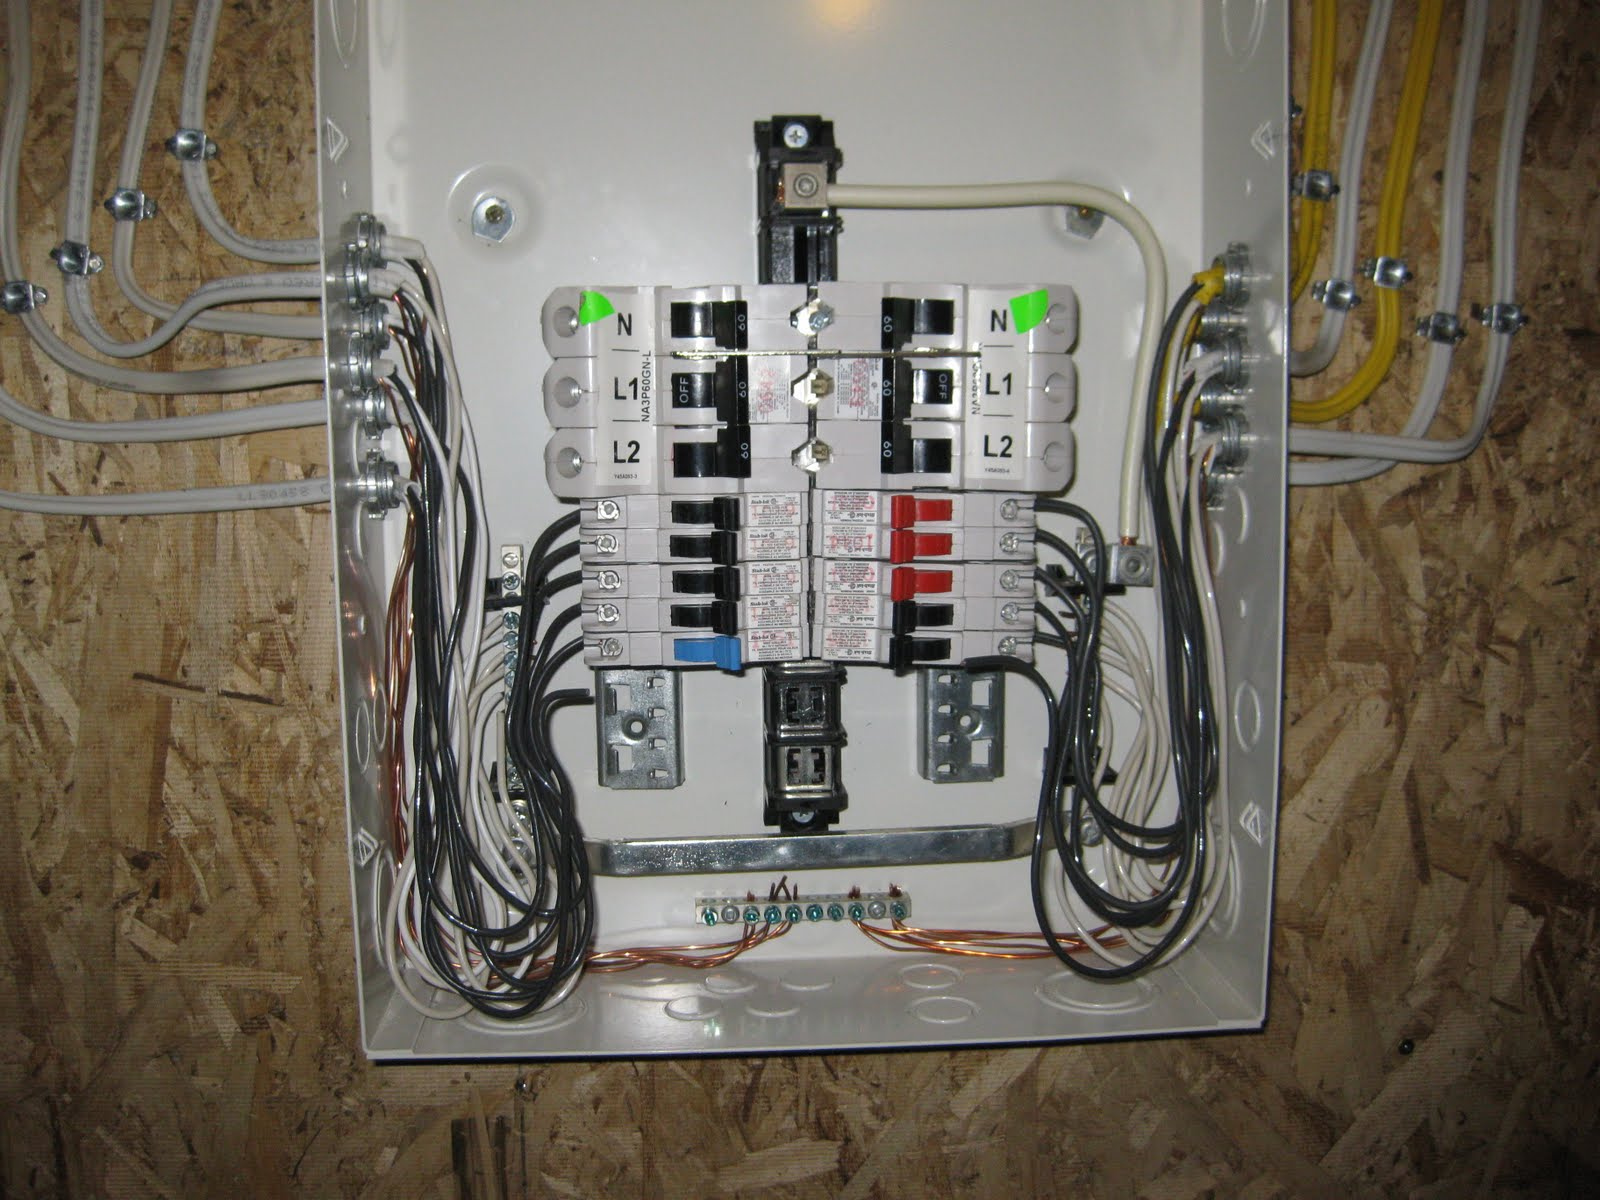 Wiring In A Breaker Box